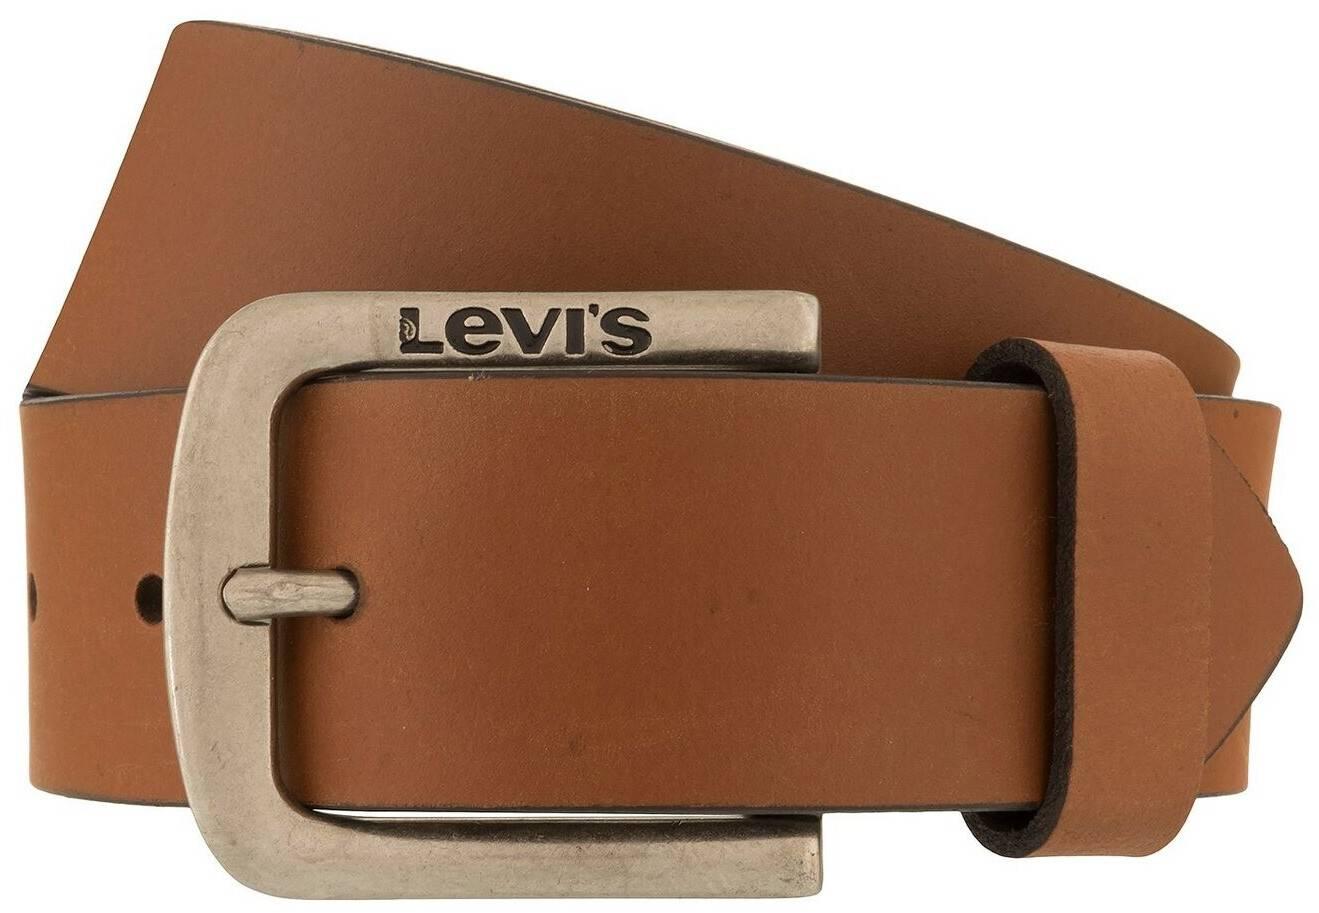 levi-s-belt-medium-brown-38016-0195